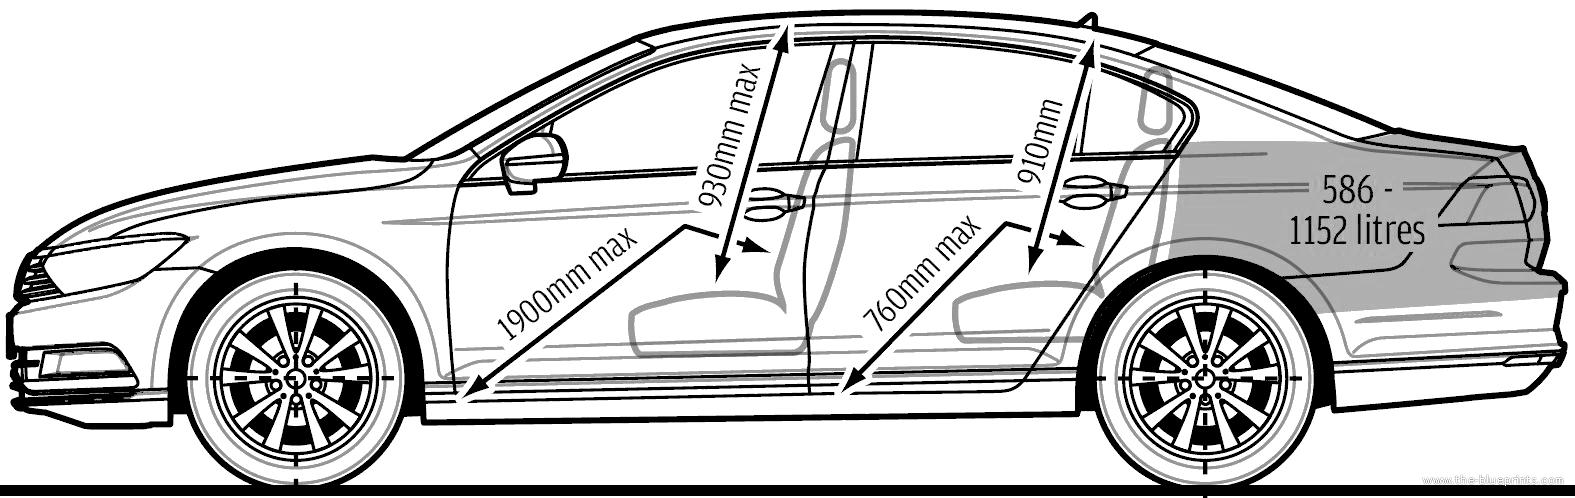 the blueprints cars volkswagen volkswagen passat 2015. Black Bedroom Furniture Sets. Home Design Ideas